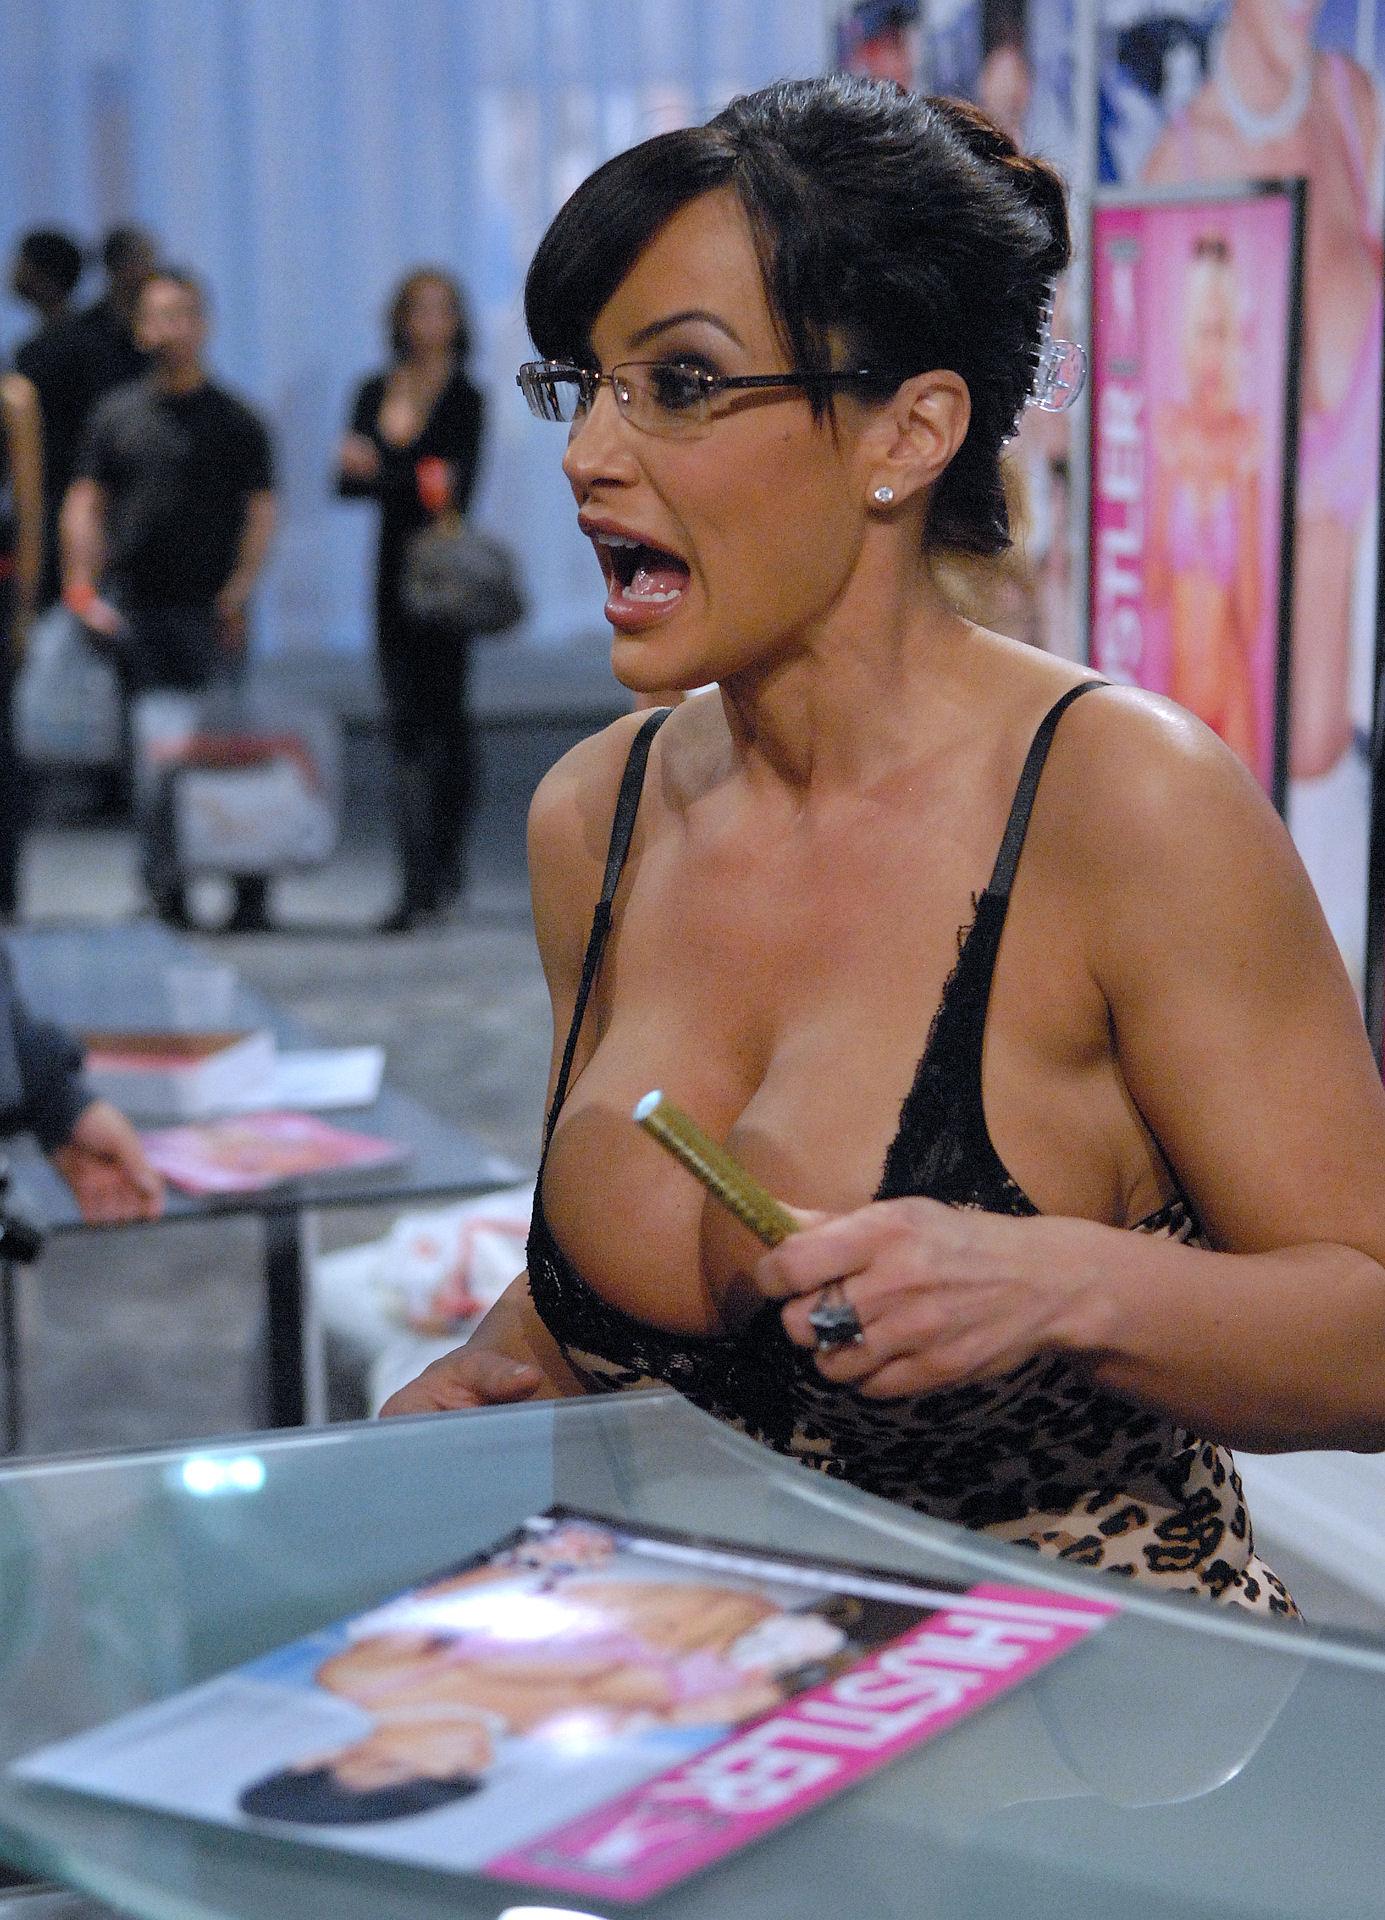 Lisa Ann 2017 Porn